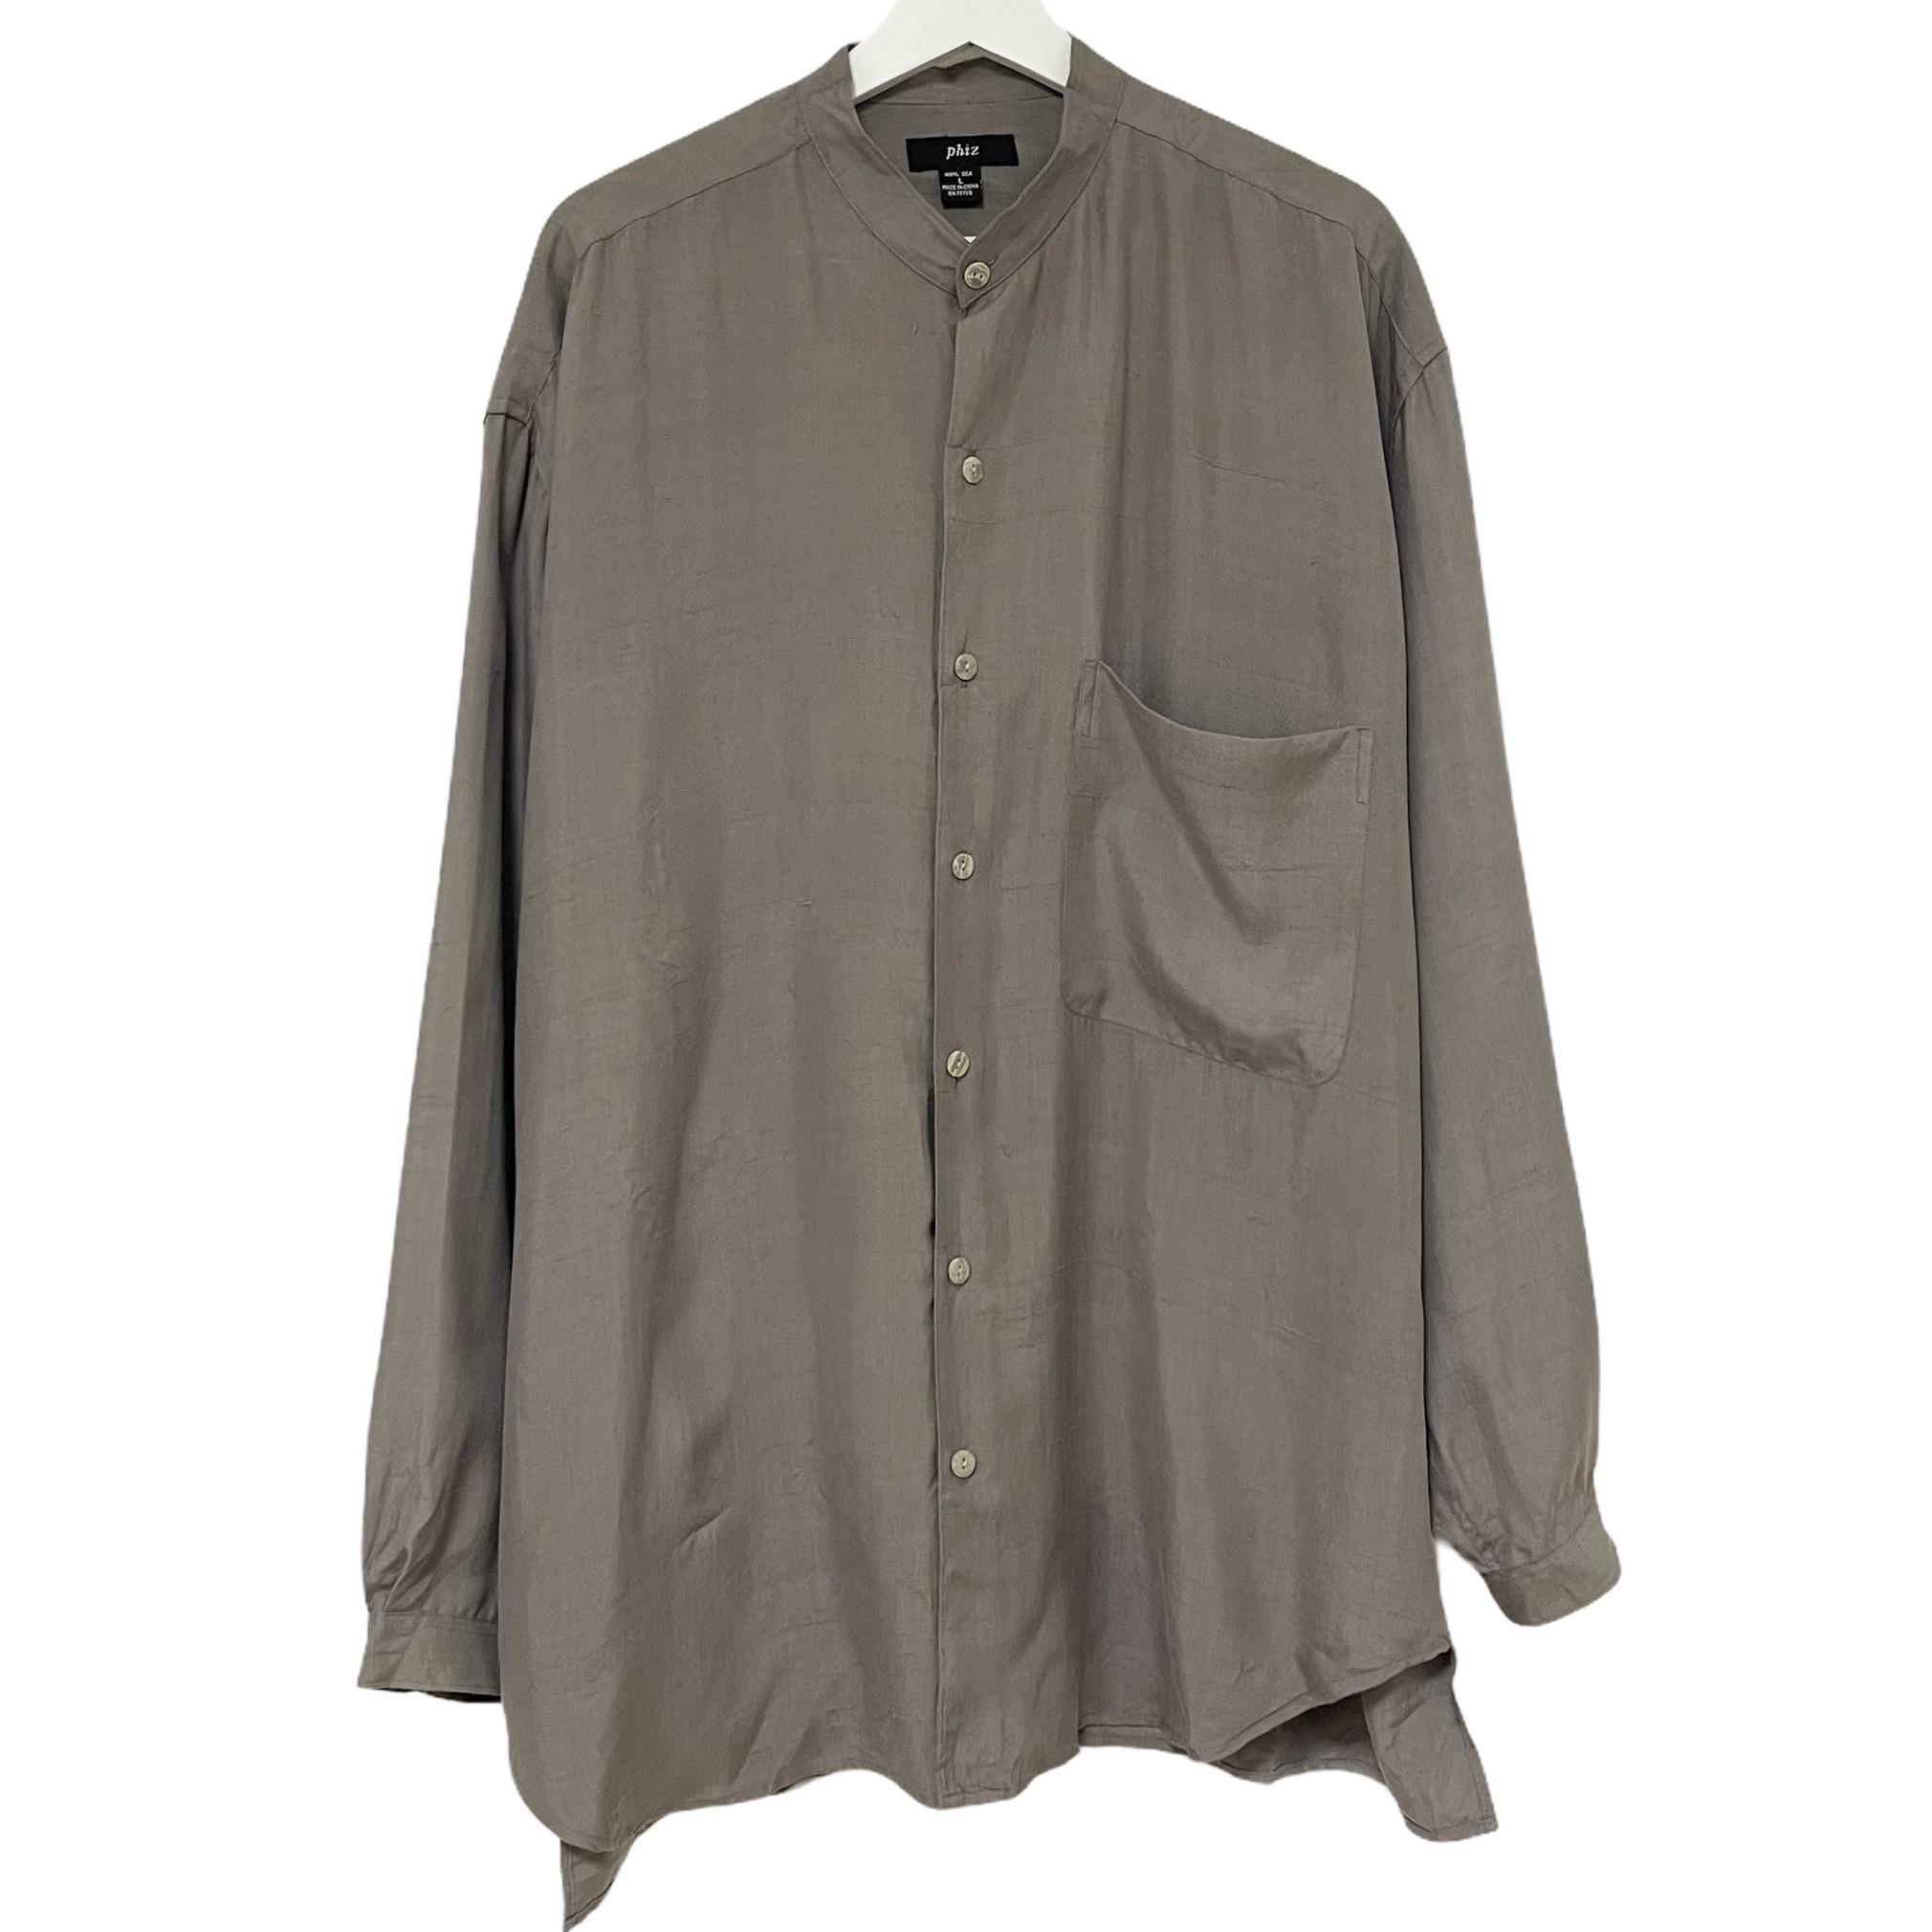 Dead Stock SEAL限定商品 90's phiz メーカー公式ショップ Silk Shirt Band Collar シャツ デッドストック シルク バンドカラー TAUPE フィズ トープ